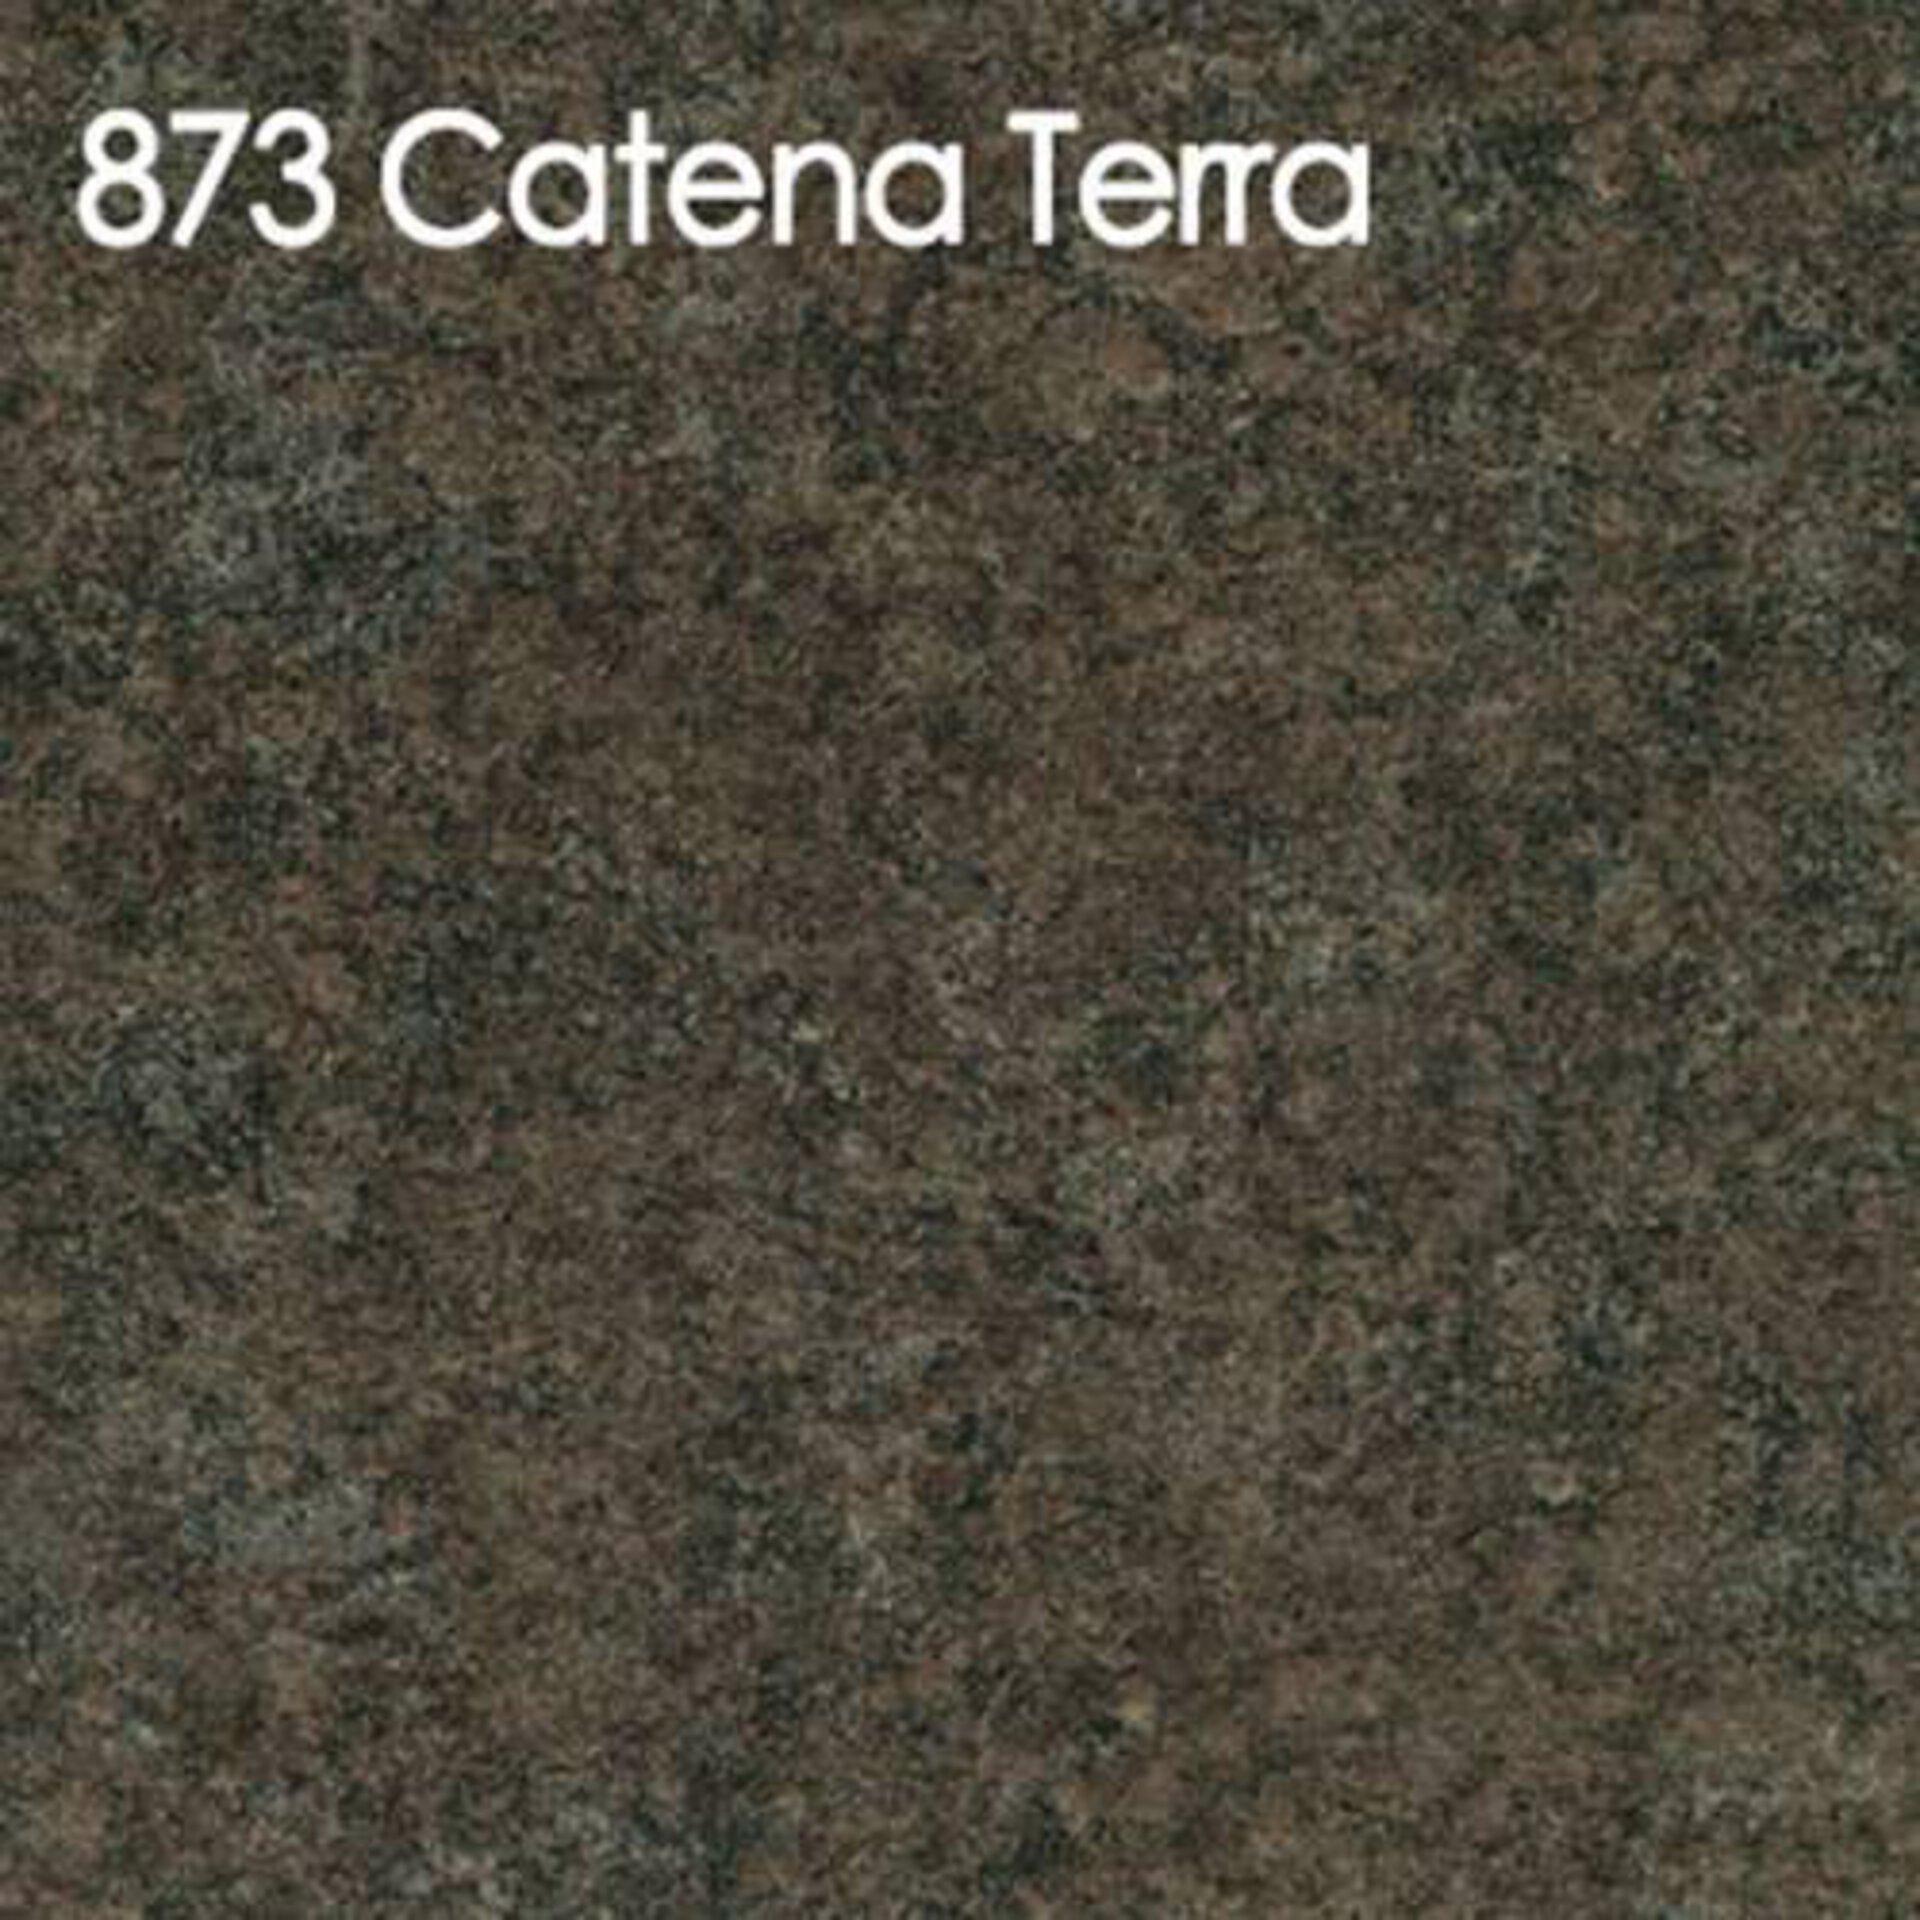 Arbeitsplatte aus Laminat in der bräunlich grauen Ausführung Catena Terra.